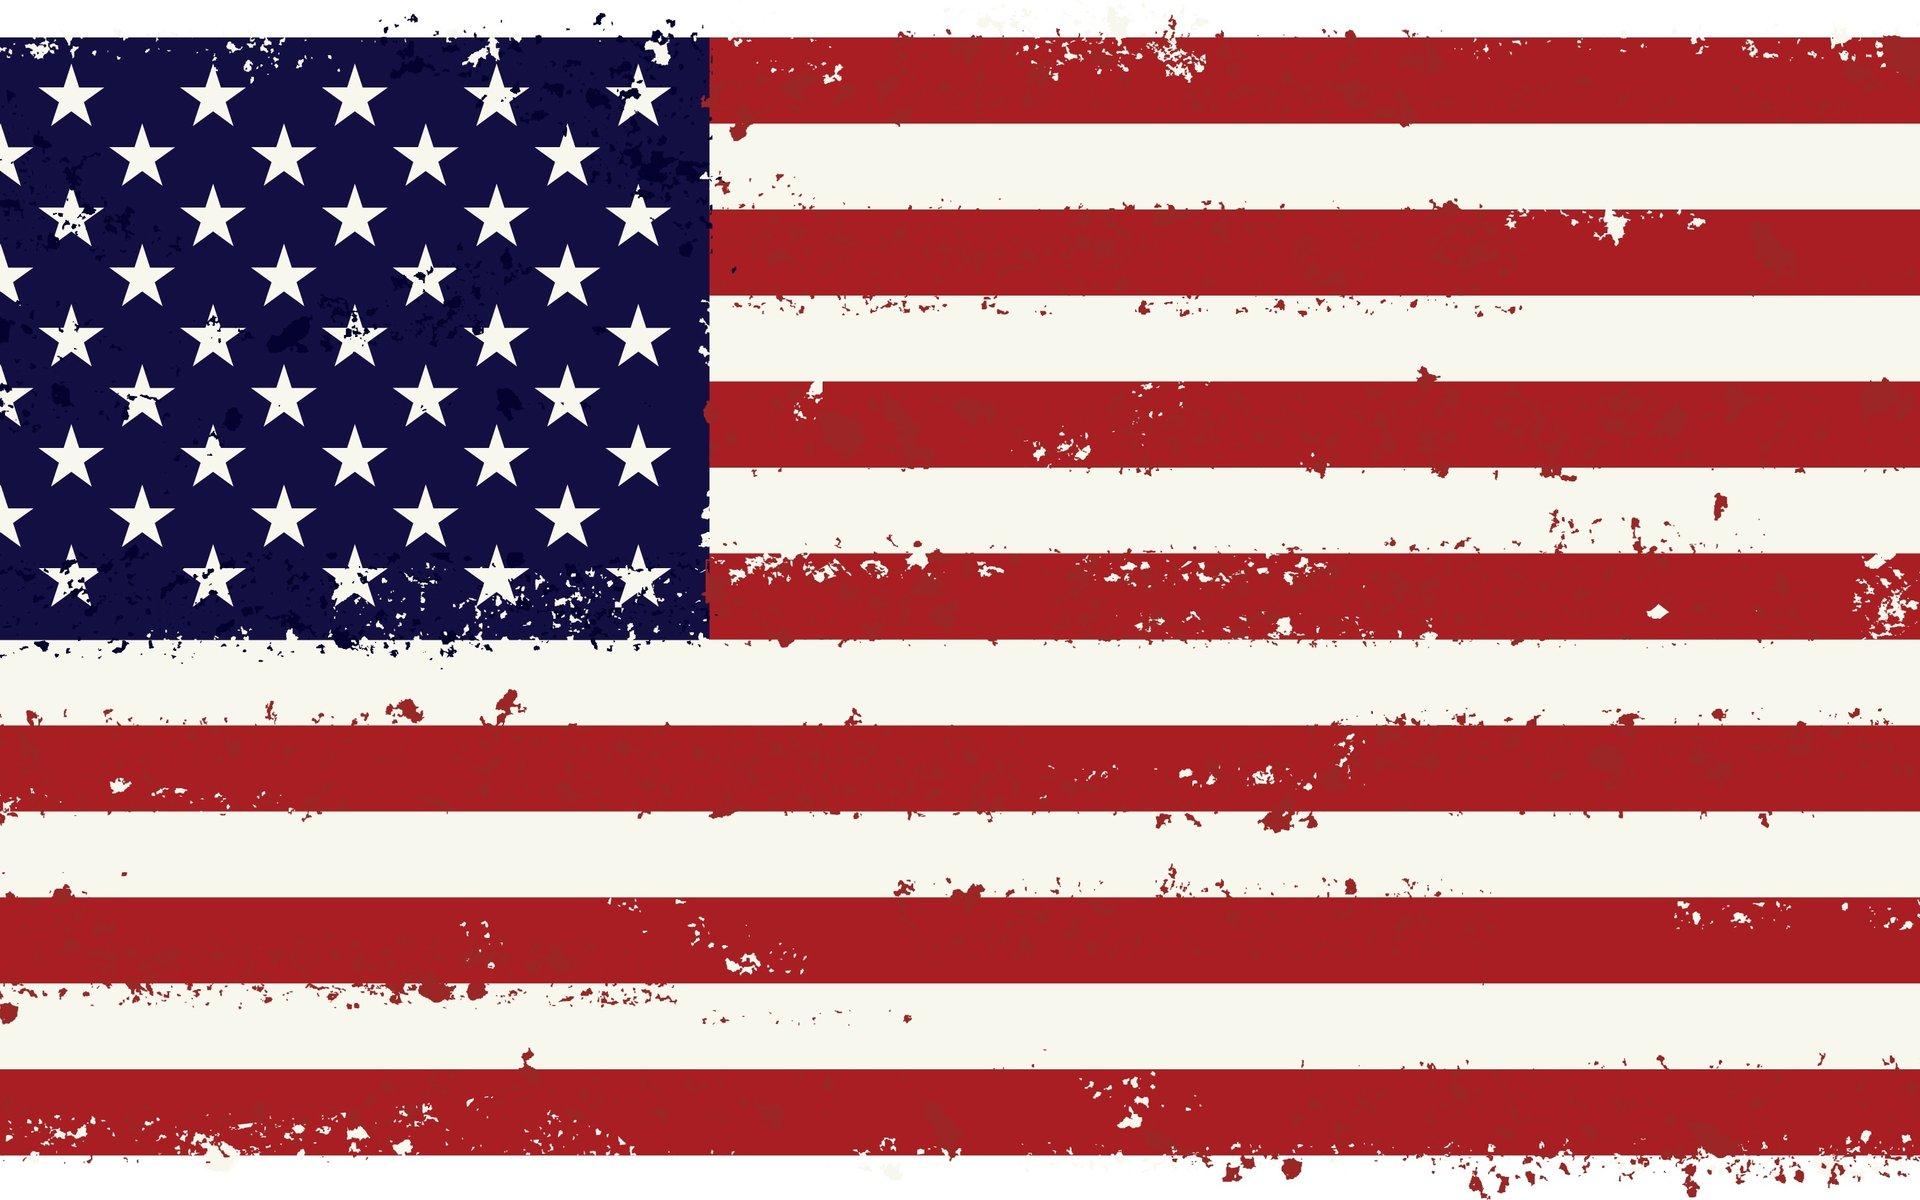 Флаг обои фото флаг сша картинки